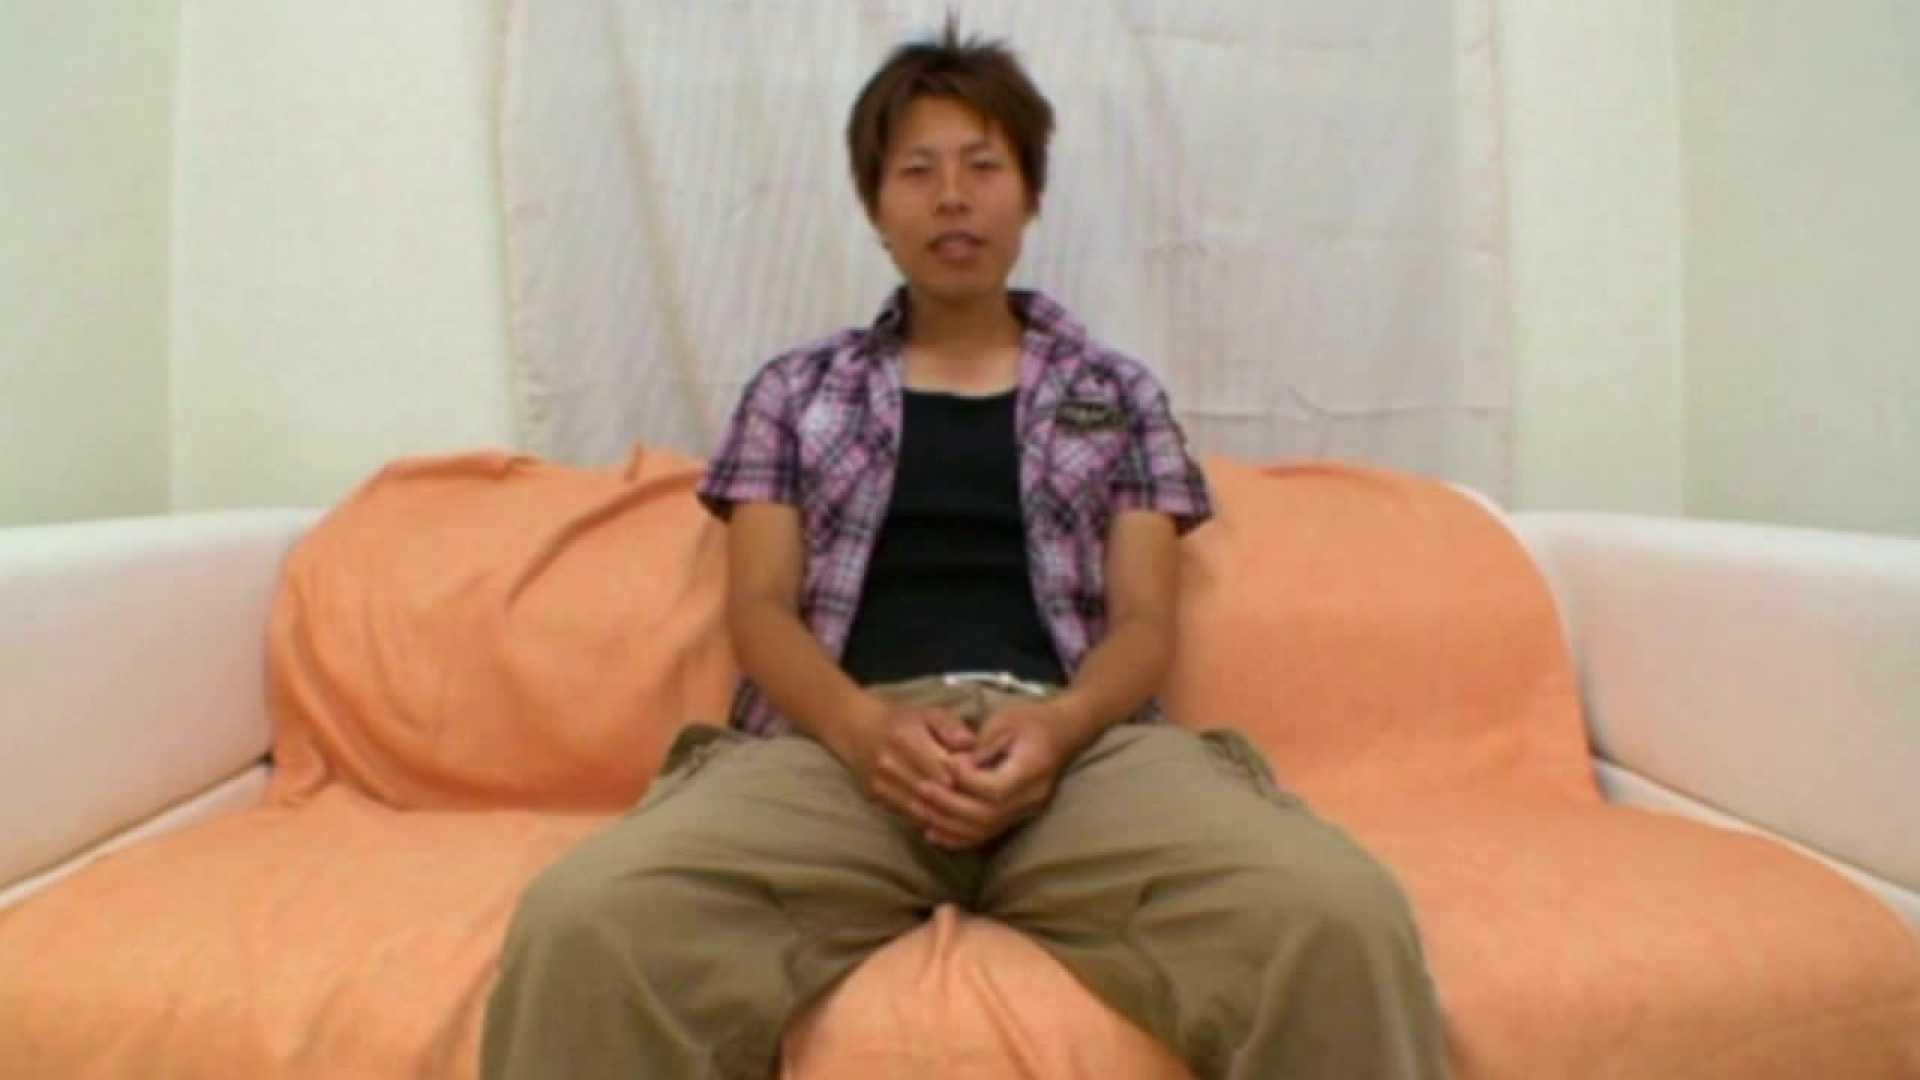 ノンケ!自慰スタジオ No.10 オナニー アダルトビデオ画像キャプチャ 47pic 28